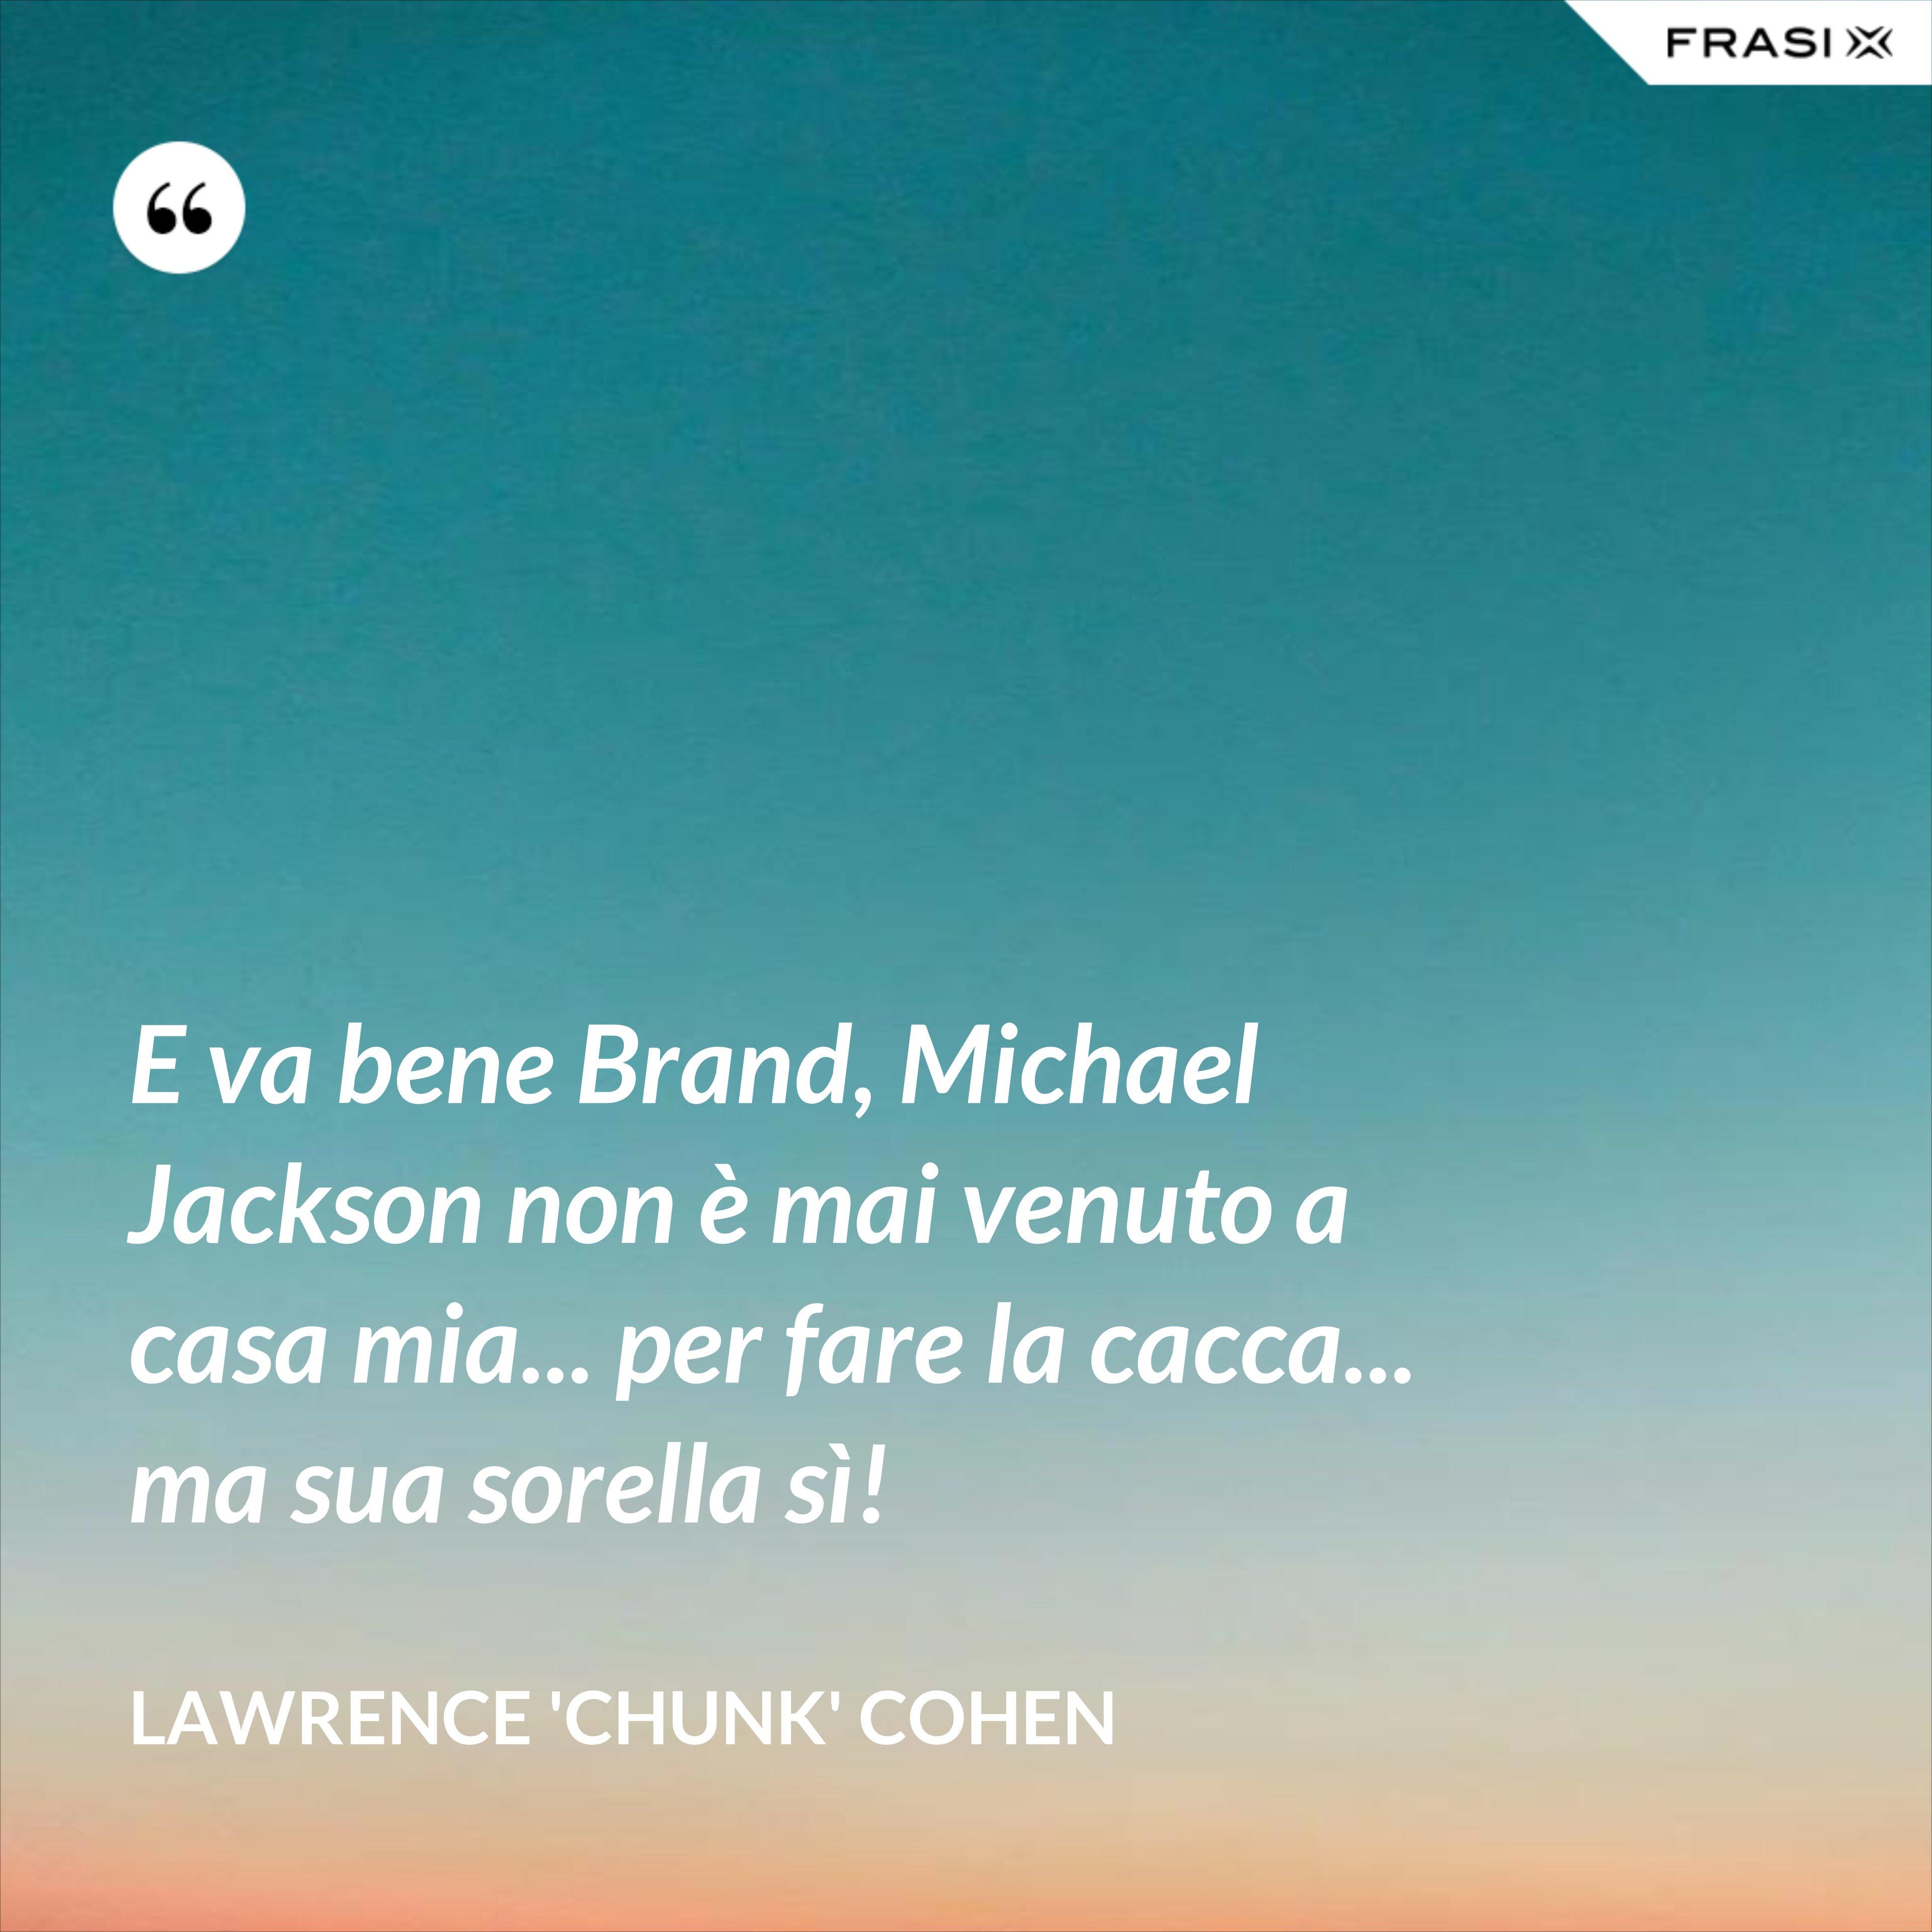 E va bene Brand, Michael Jackson non è mai venuto a casa mia... per fare la cacca... ma sua sorella sì! - Lawrence 'Chunk' Cohen